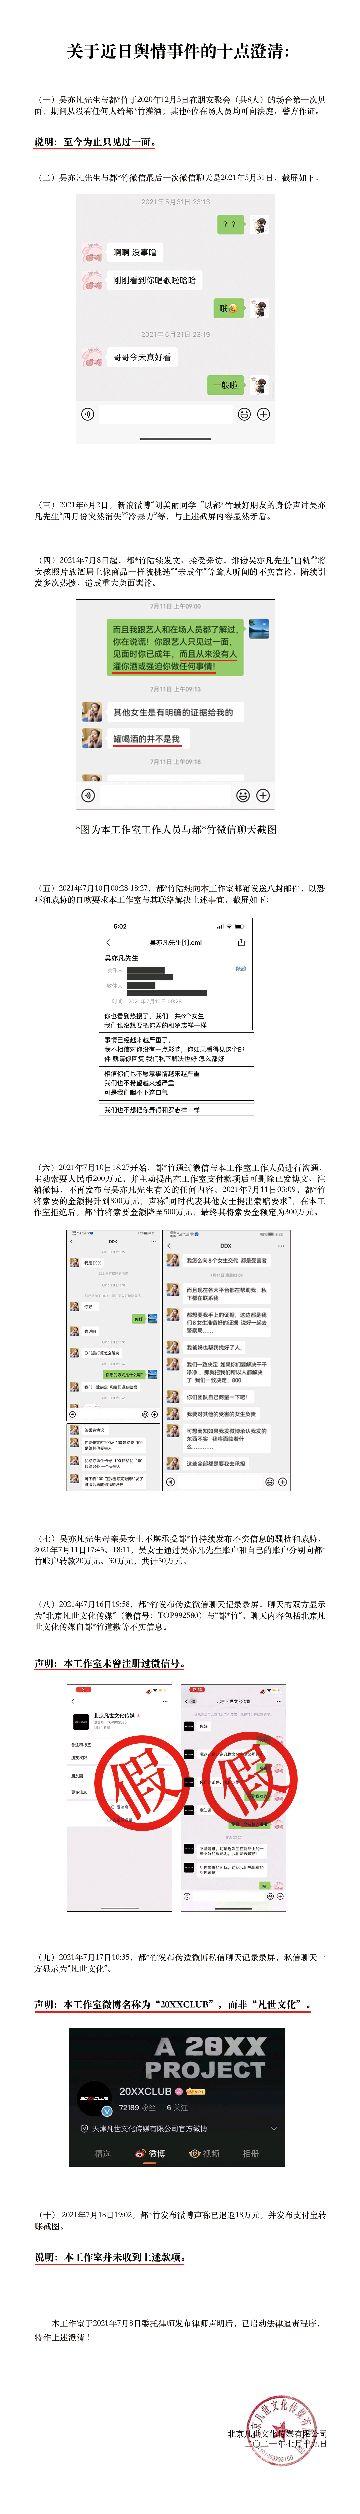 吴亦凡工作室再次澄清吴母转账的原因,网友:晚了,不用洗了